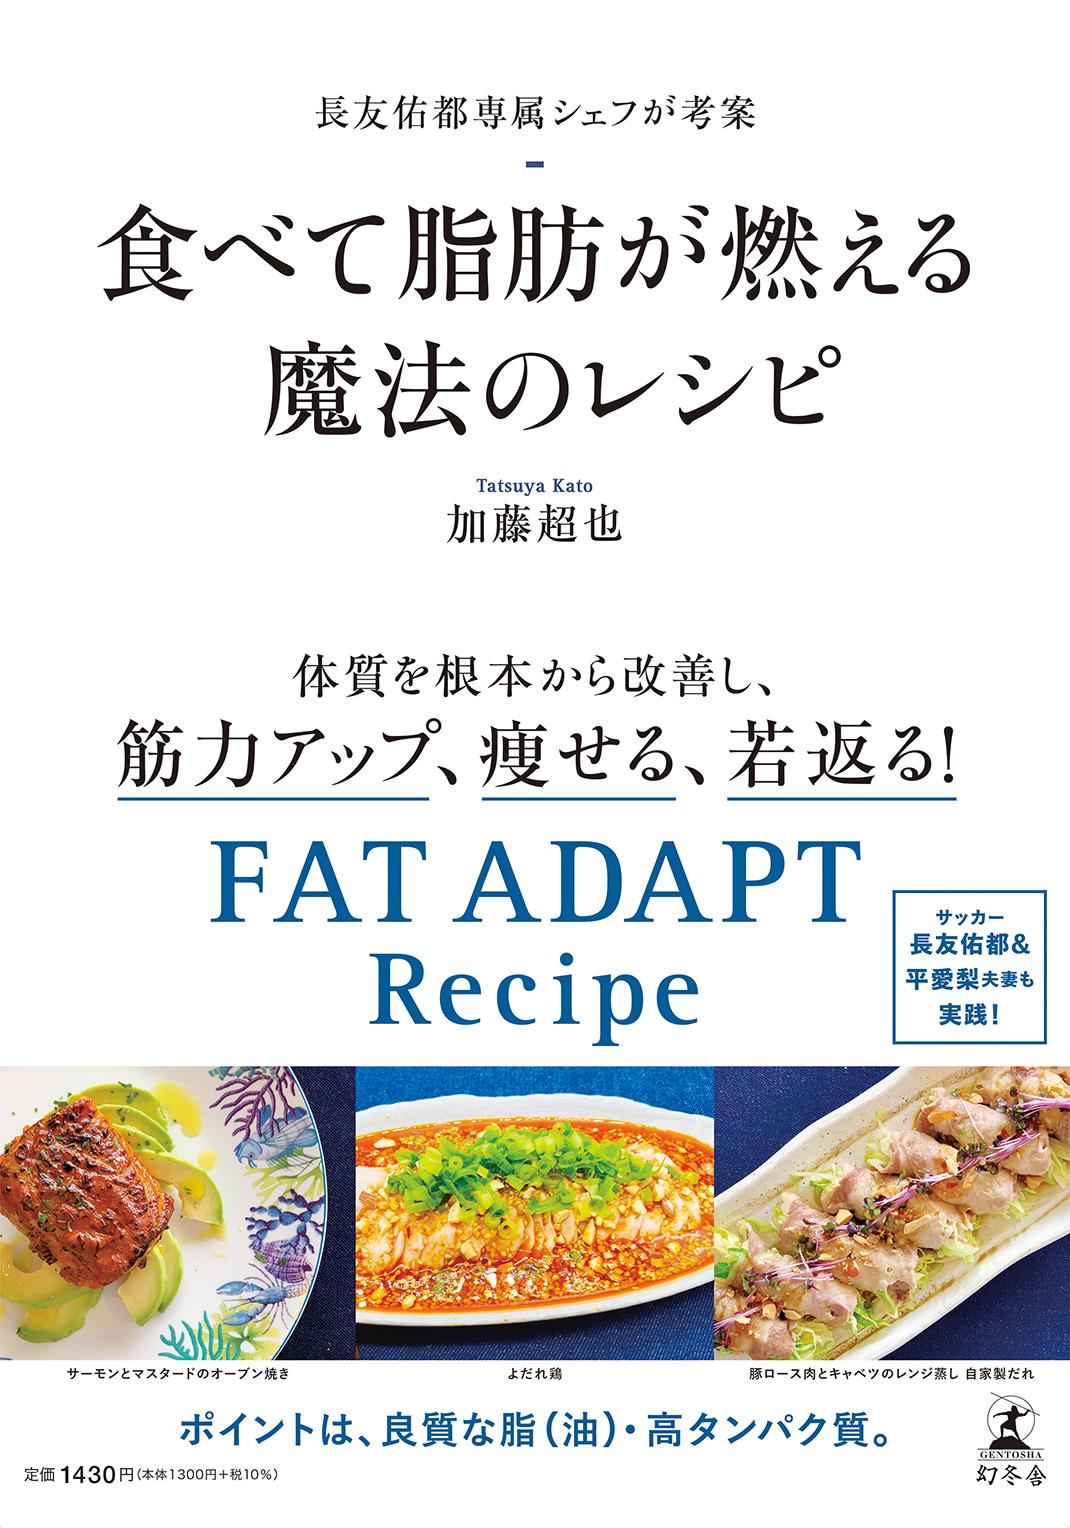 『食べて脂肪が燃える魔法のレシピ』出版のお知らせ